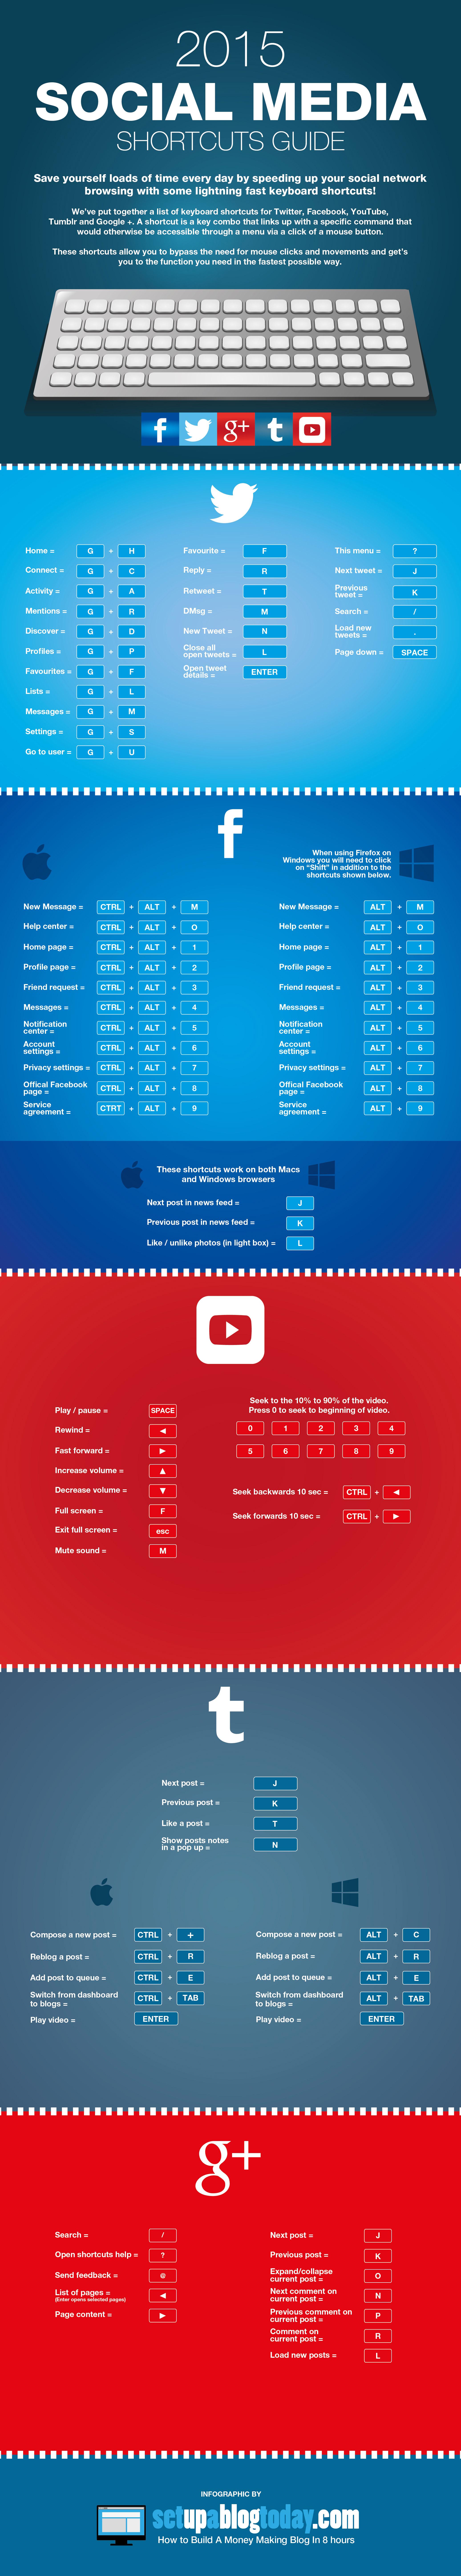 social-media-shortcuts-infographic-2015